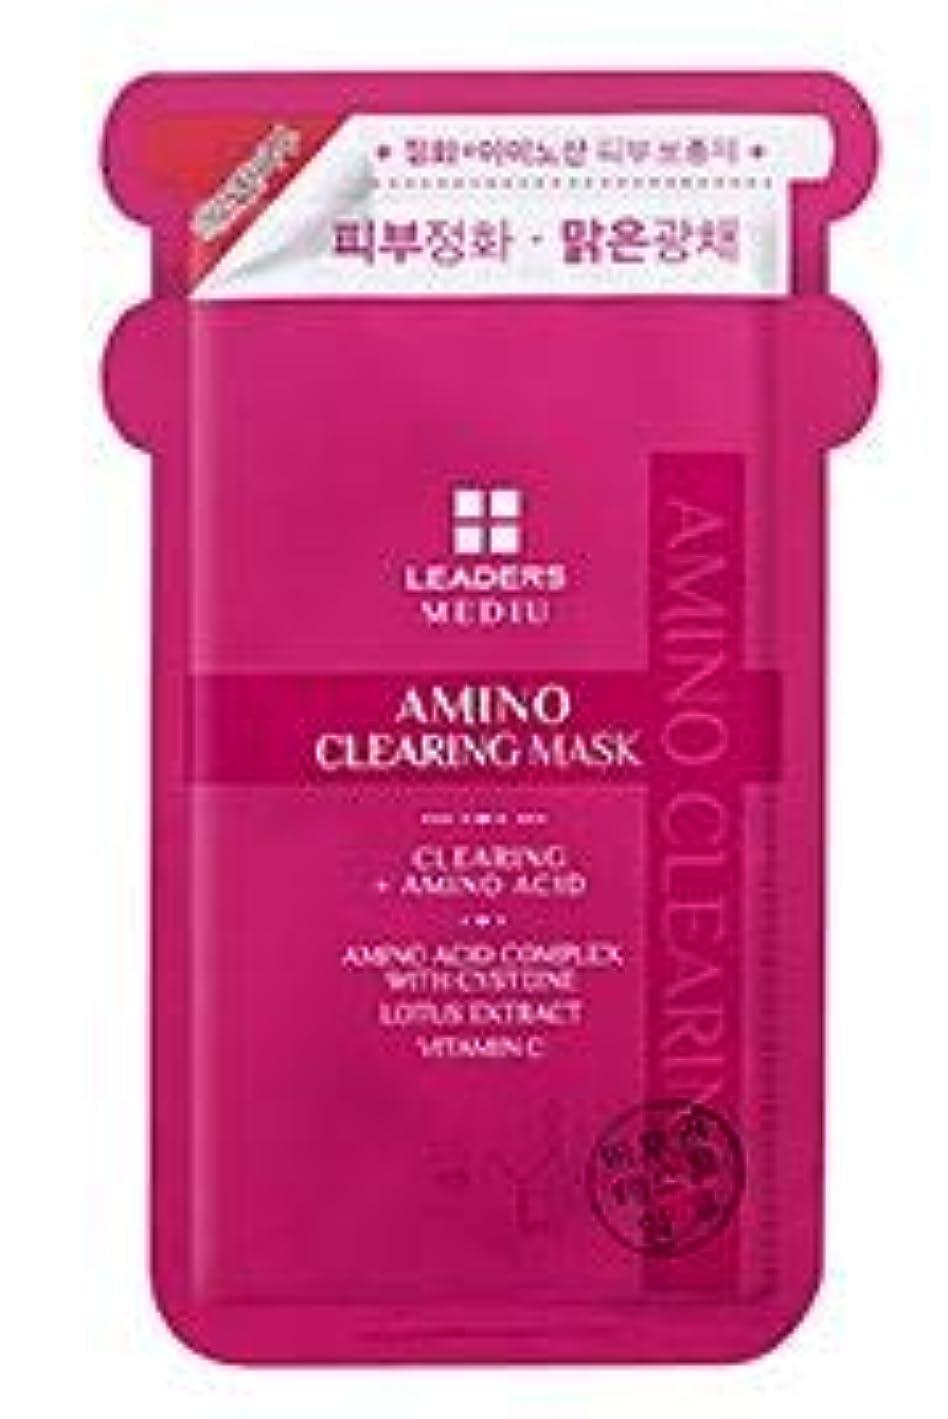 ハイキング無駄純正[LEADERS] MEDIU Amino Clearing Mask 25ml*10ea / リーダースアミノクリアリングマスク 25ml*10枚 [並行輸入品]